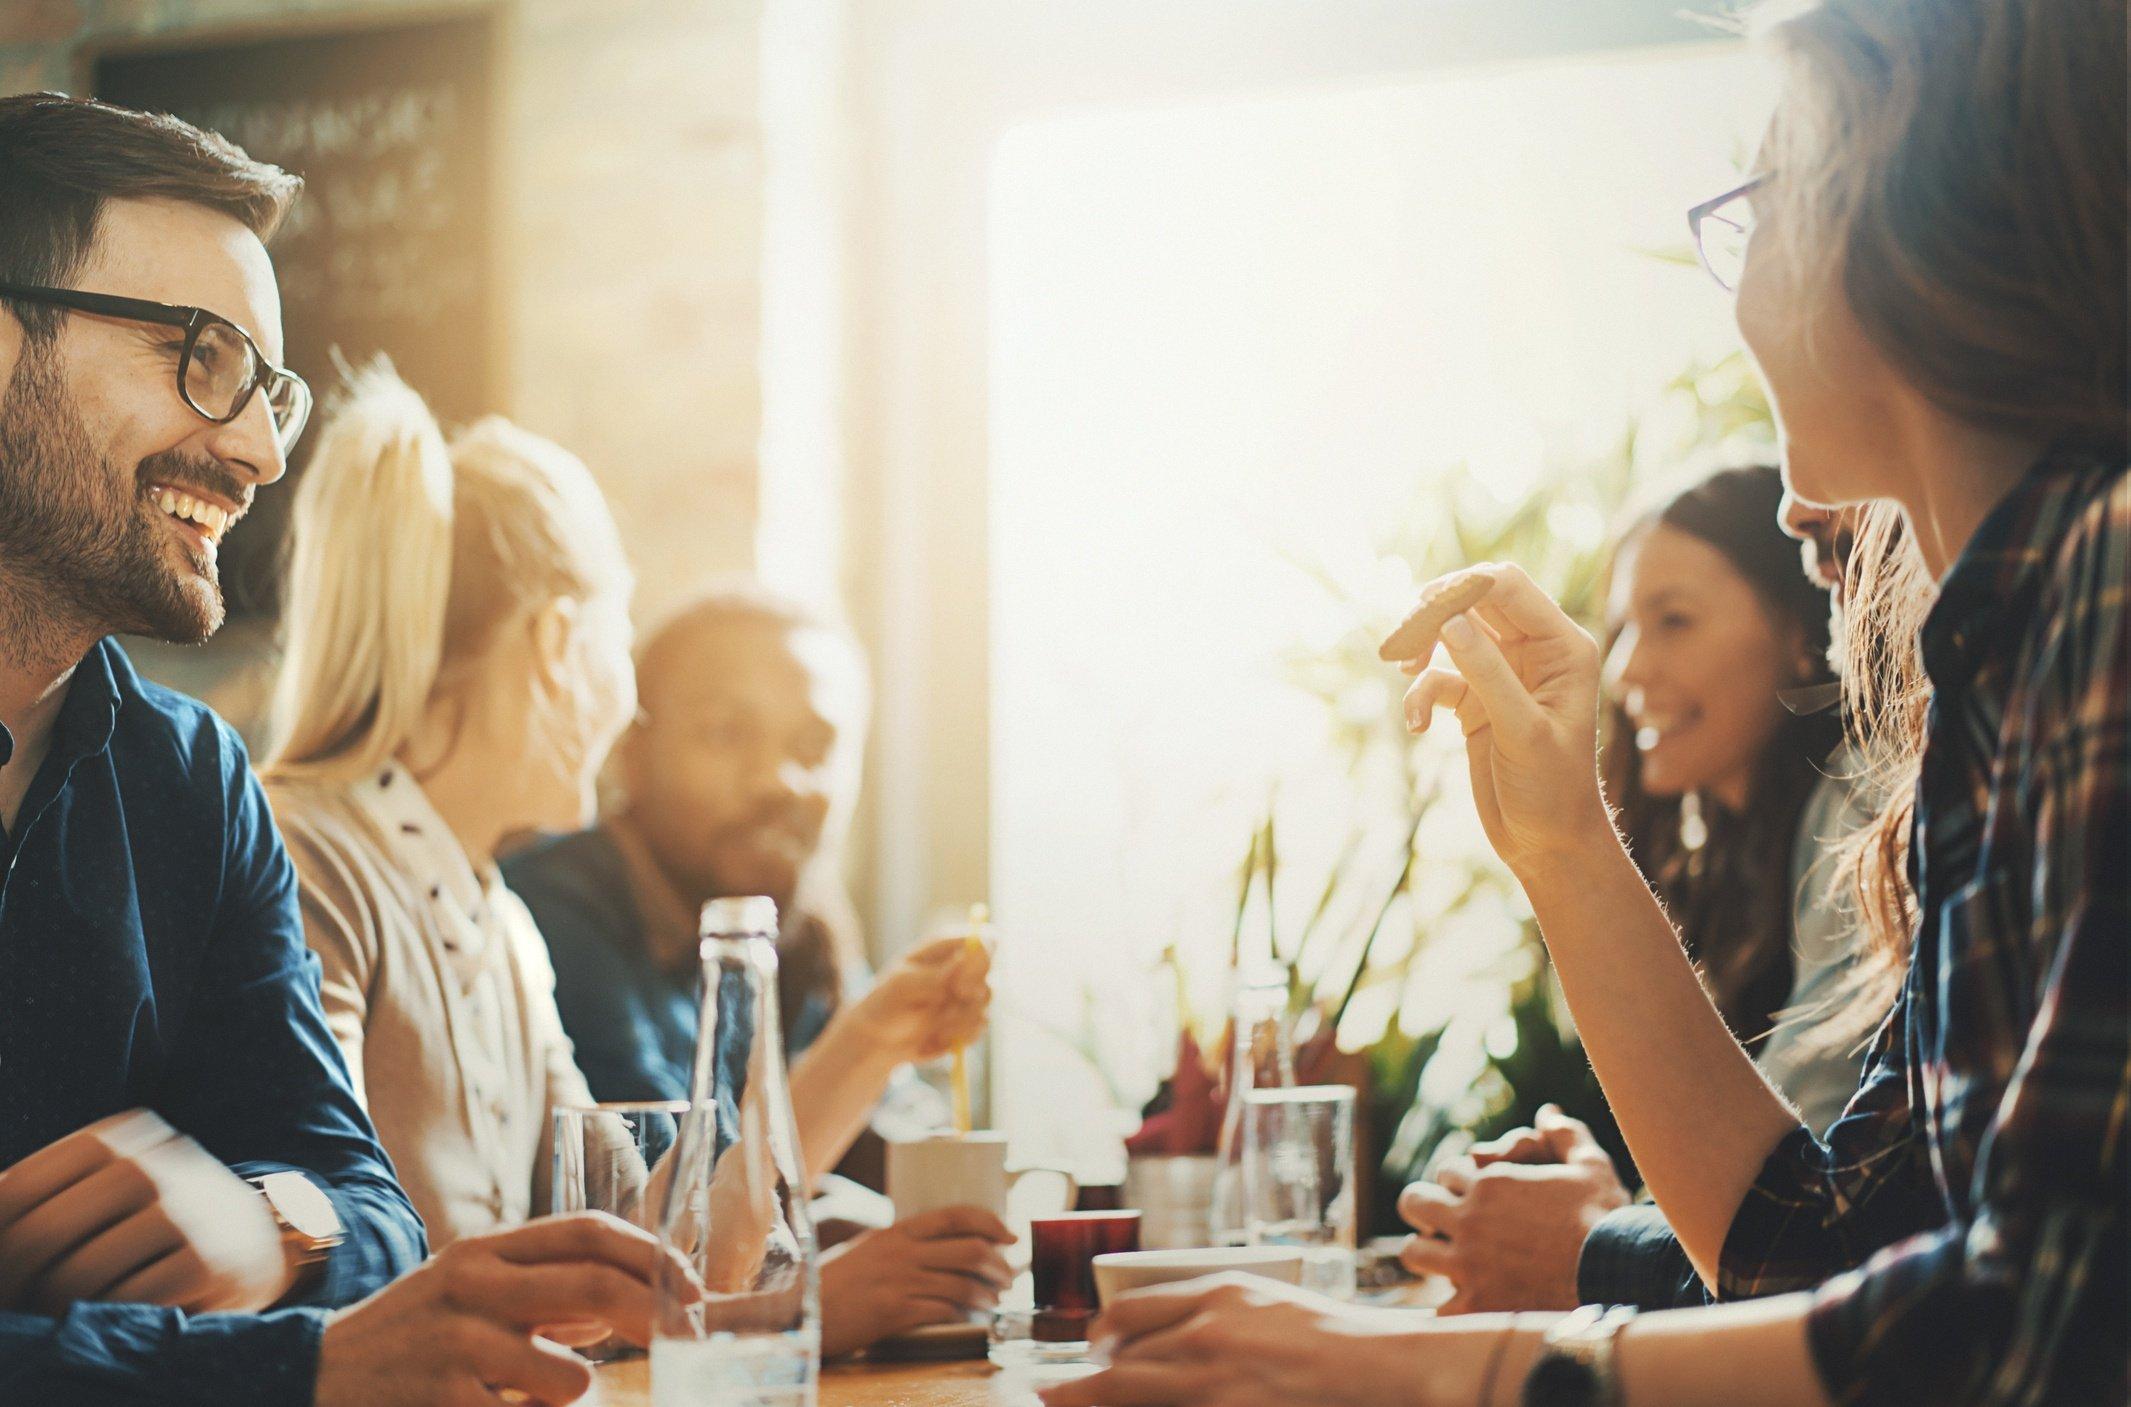 Friends at restaurant in conversation